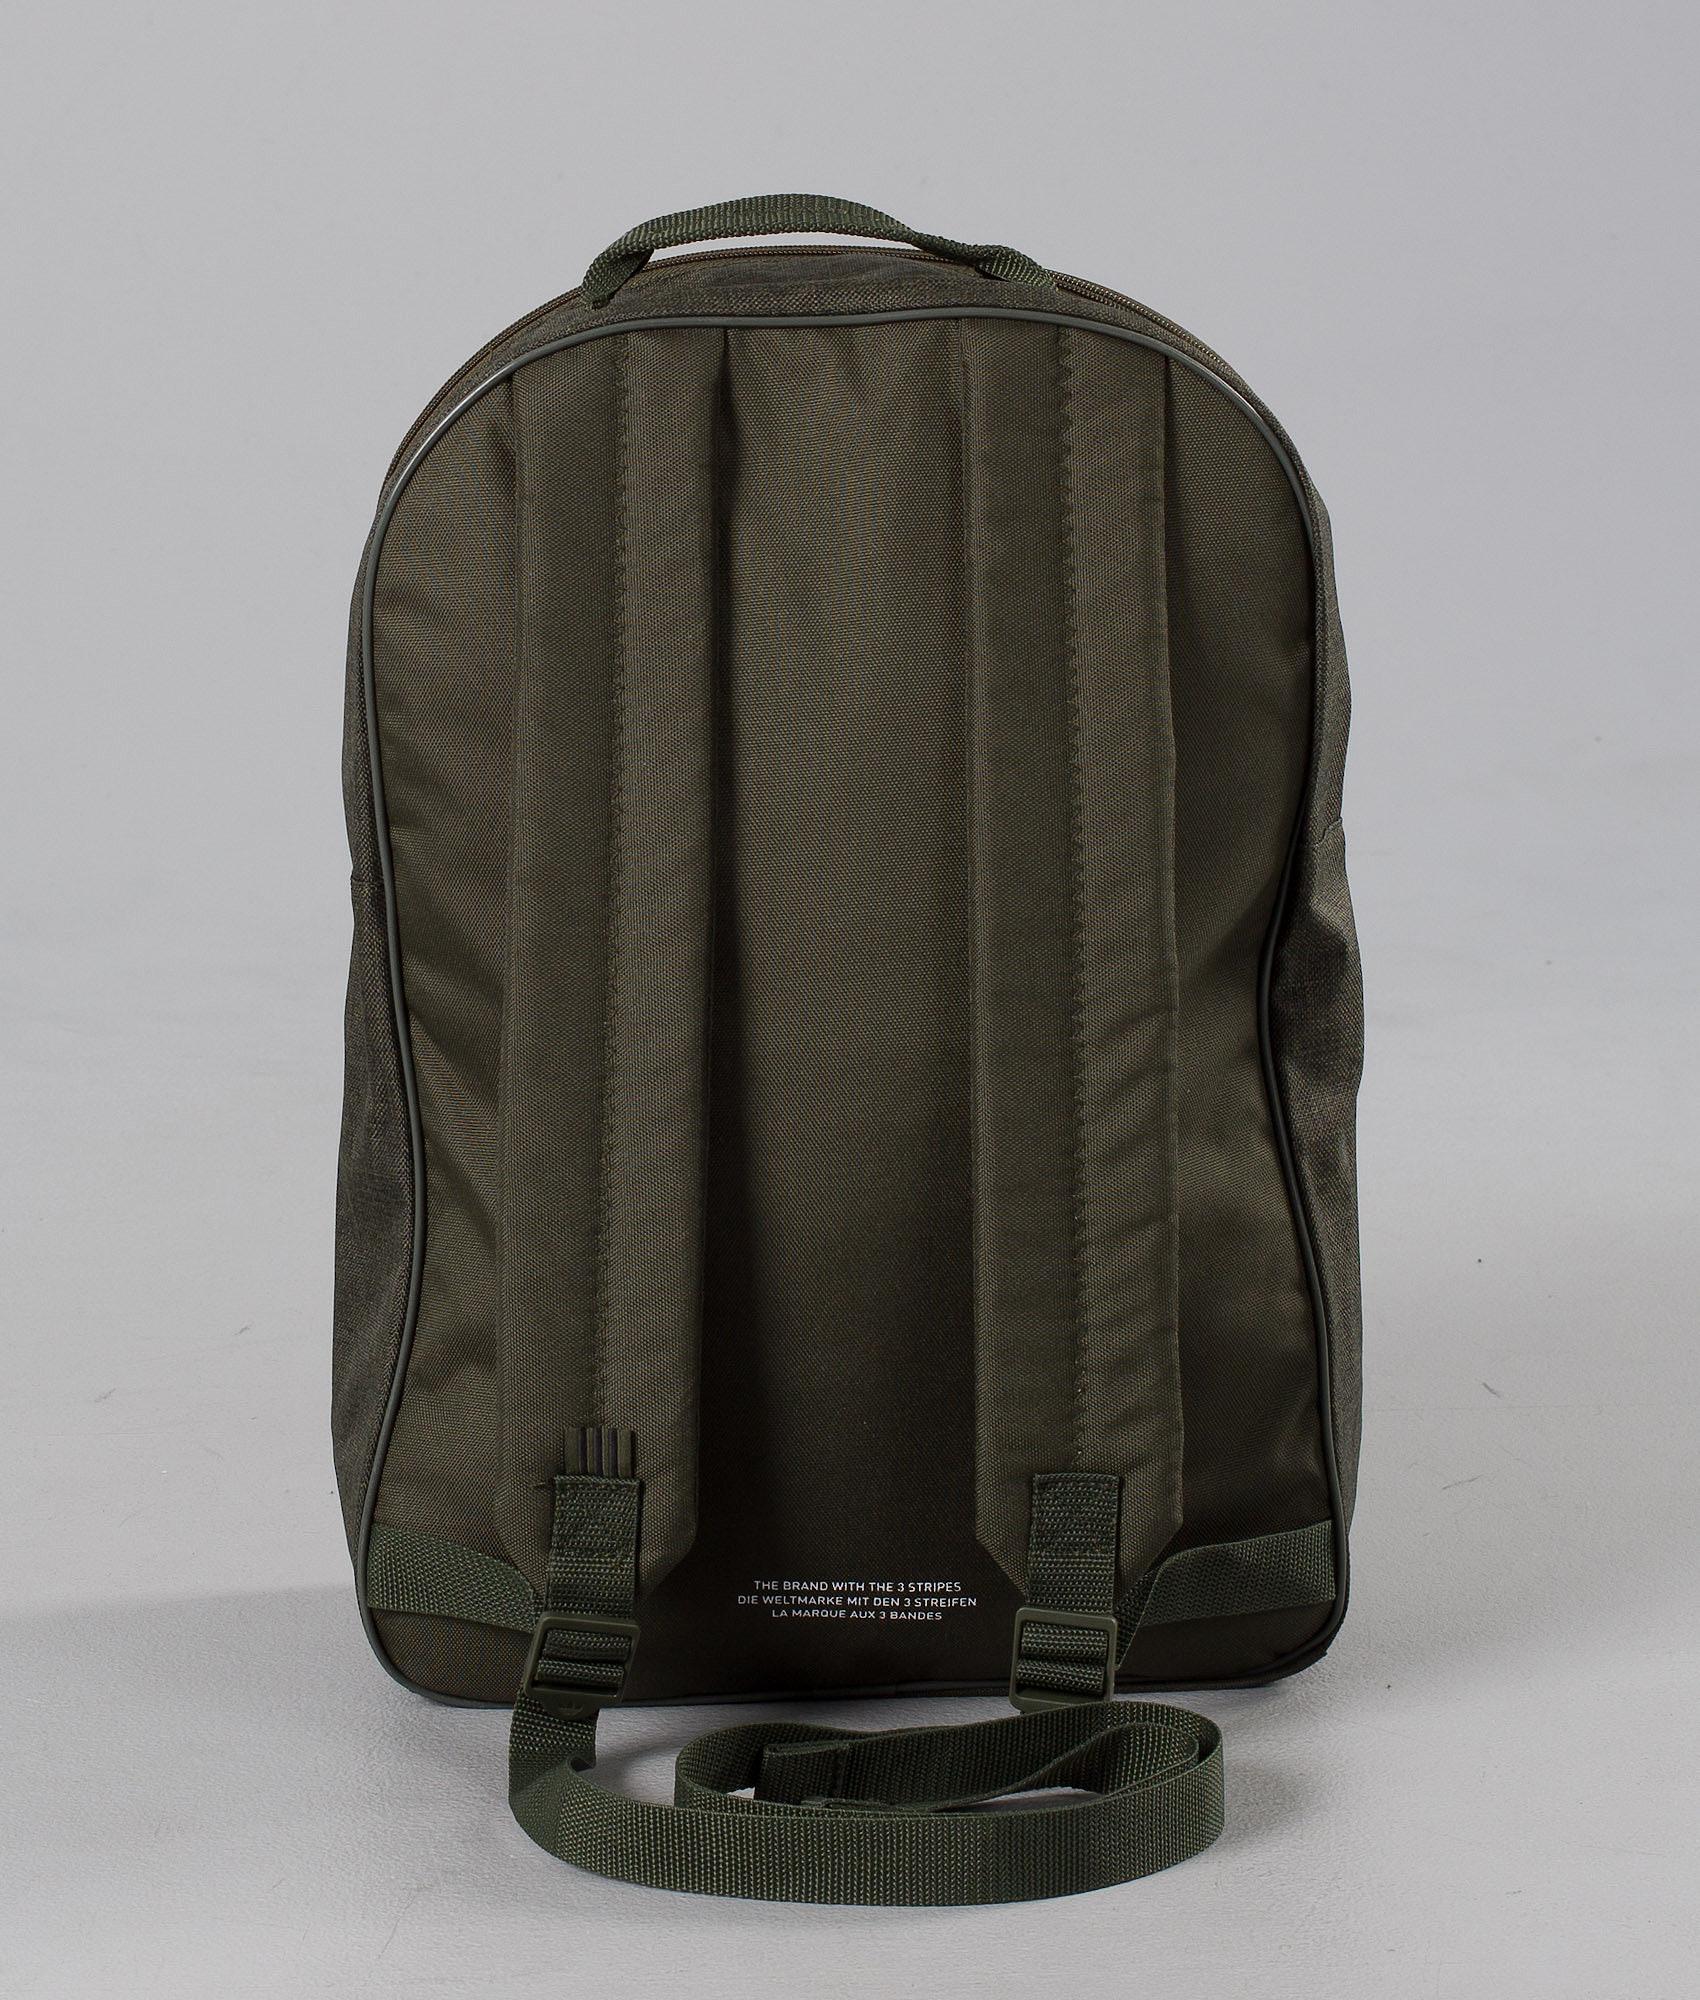 6b4f28bd630 Adidas Originals Bp Class Casual Bag Night Cargo - Ridestore.com